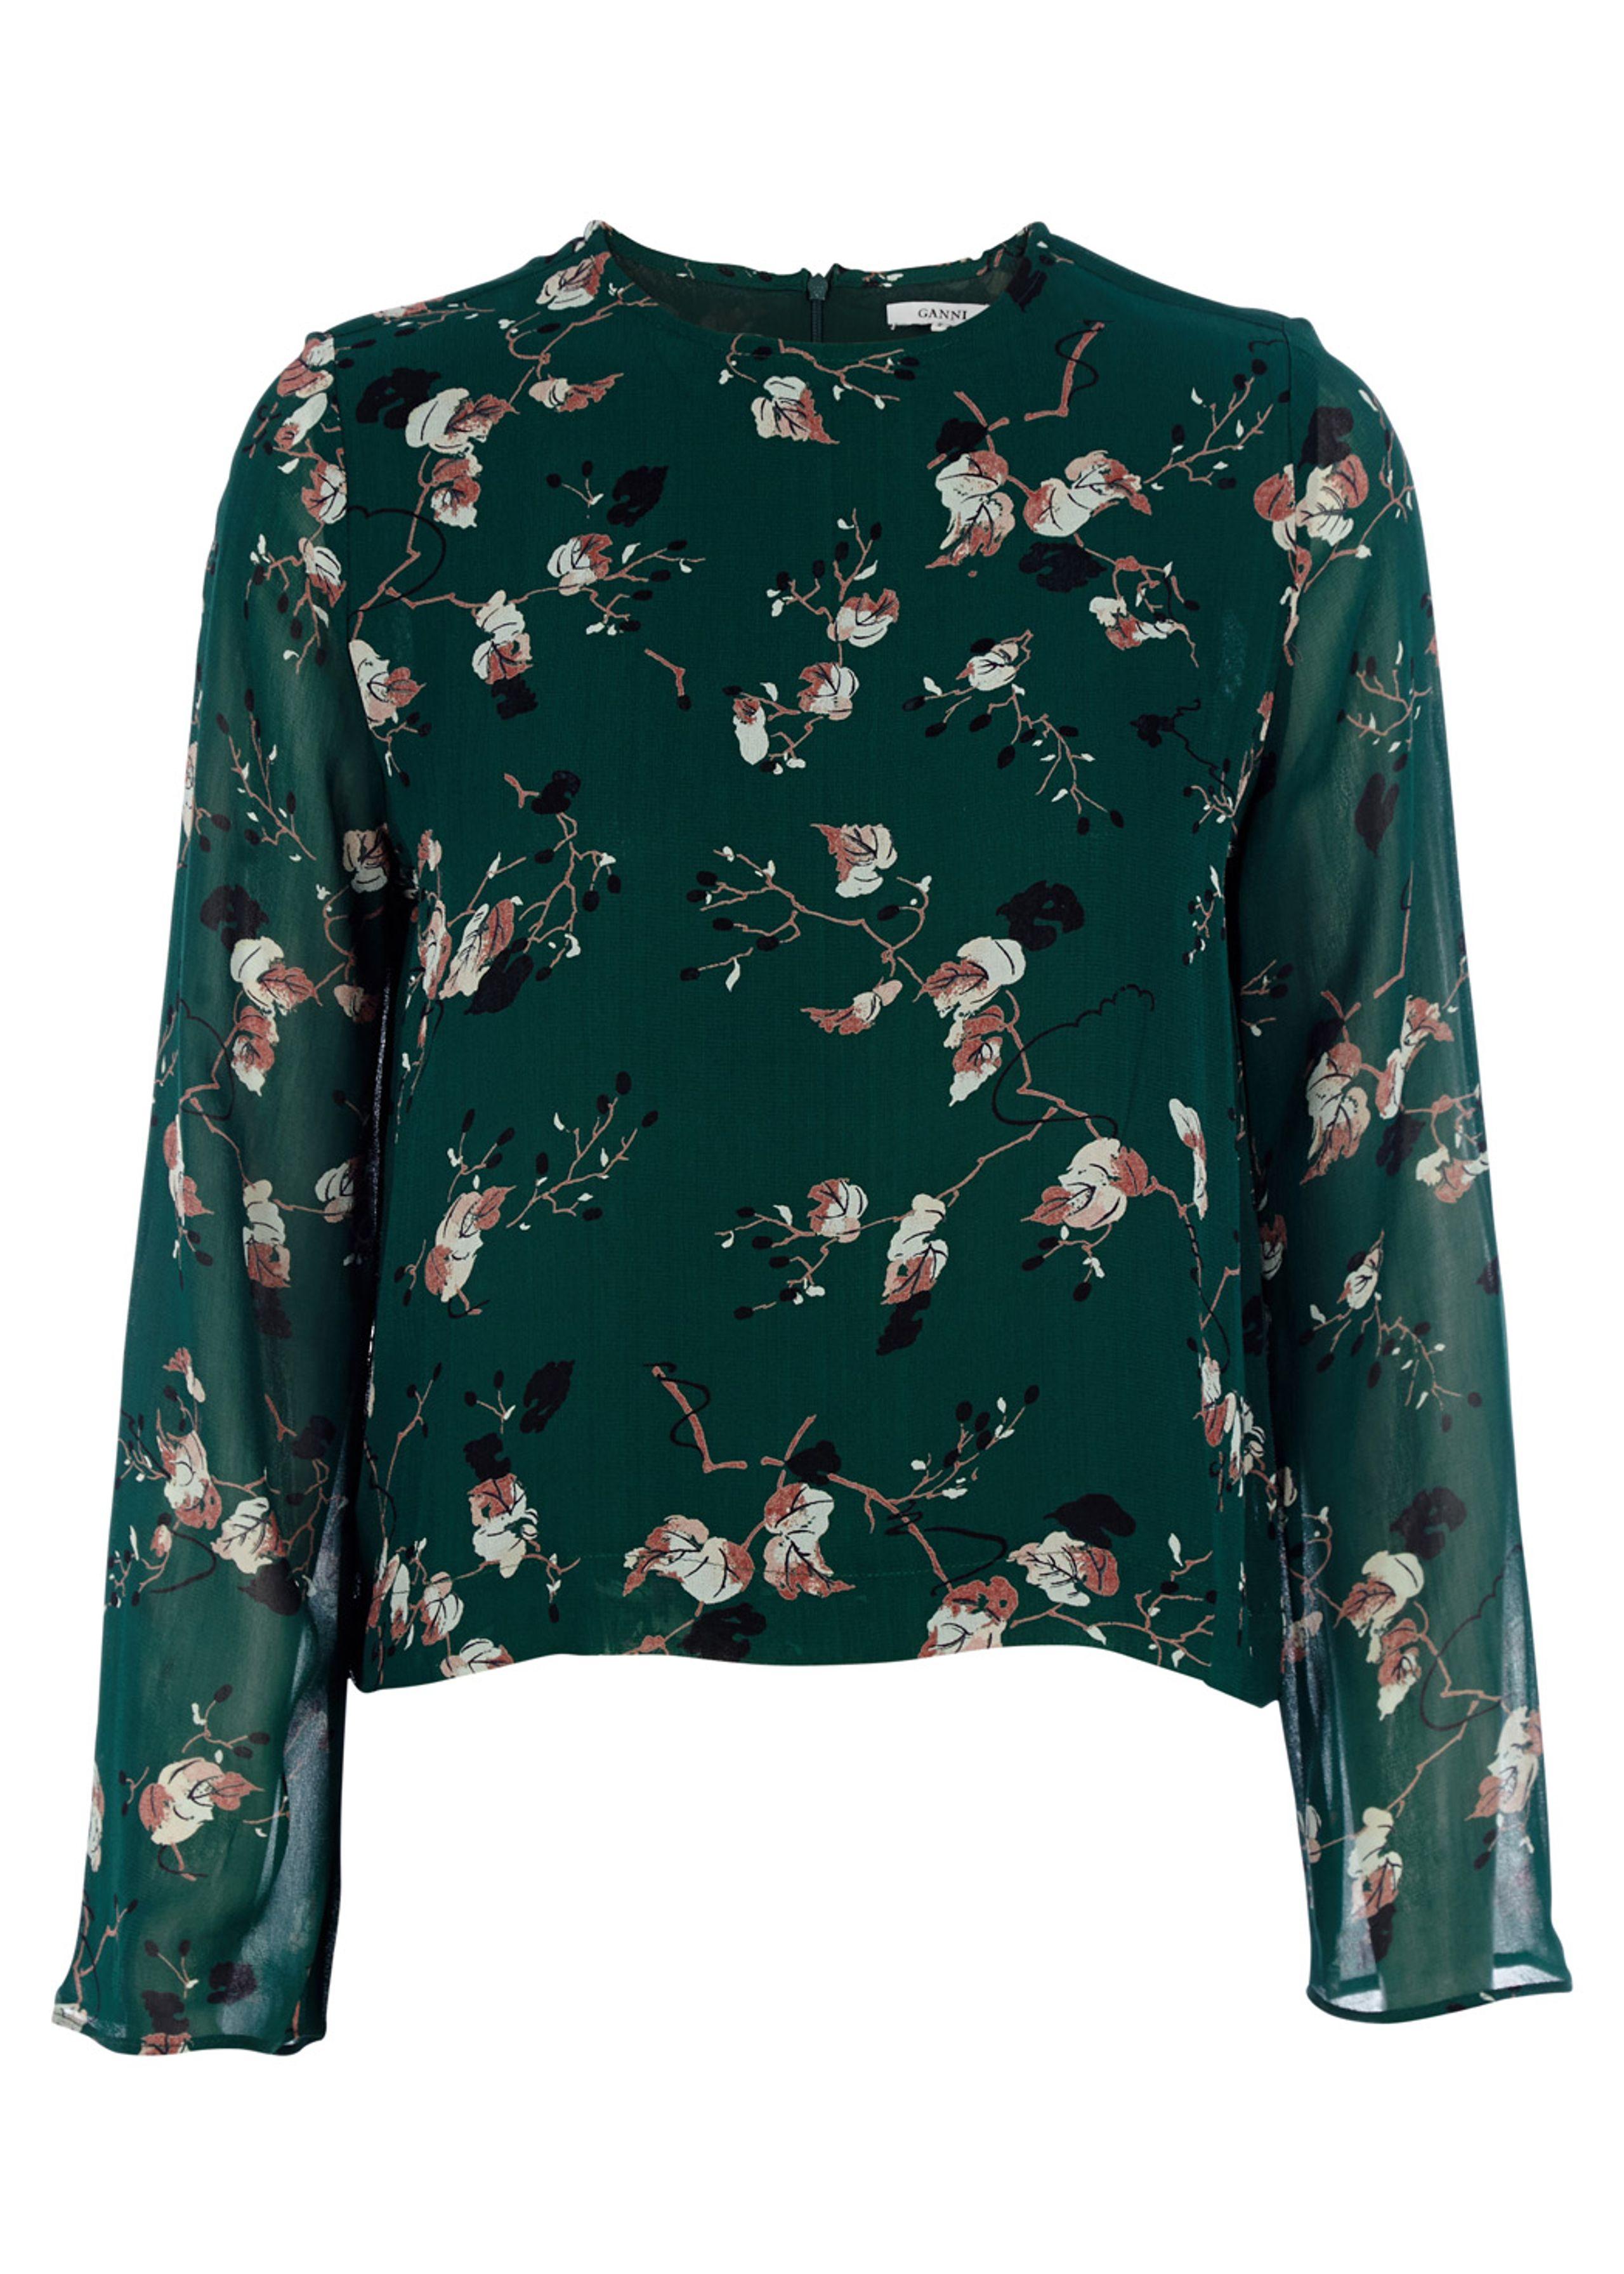 Marietta blouse